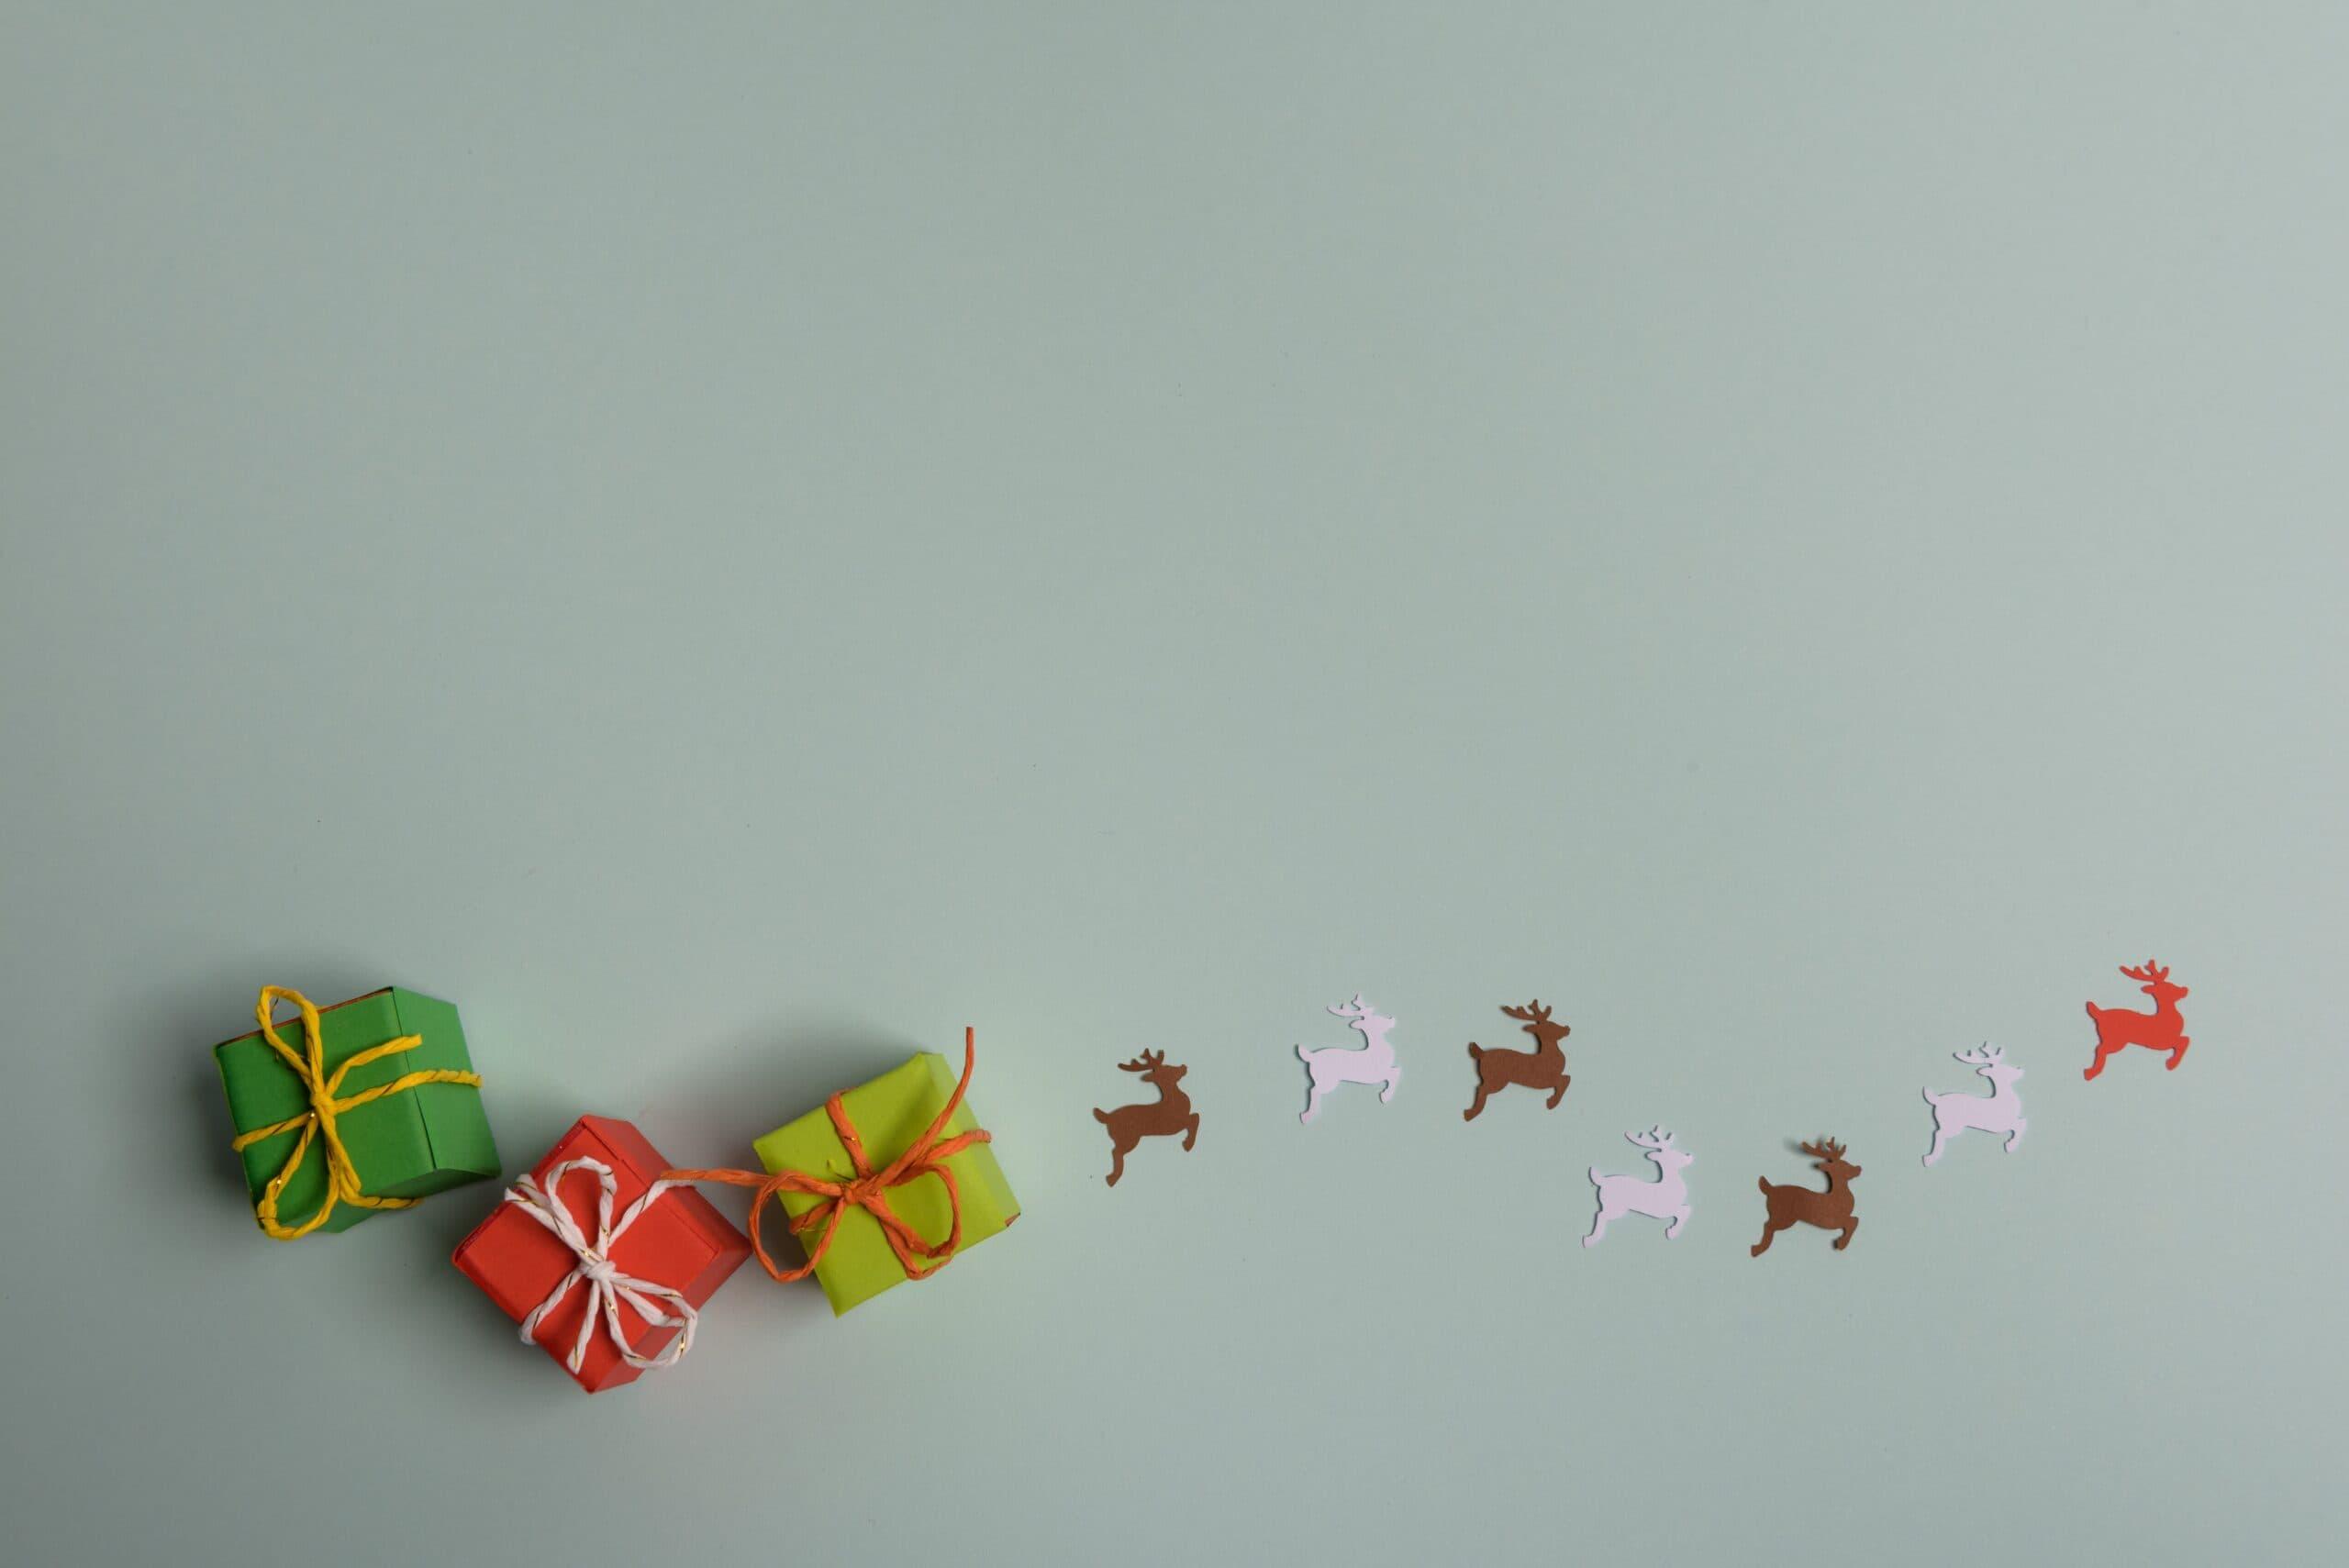 Aprobadas medidas comunes para la celebración de las fiestas navideñas en la época COVID-19